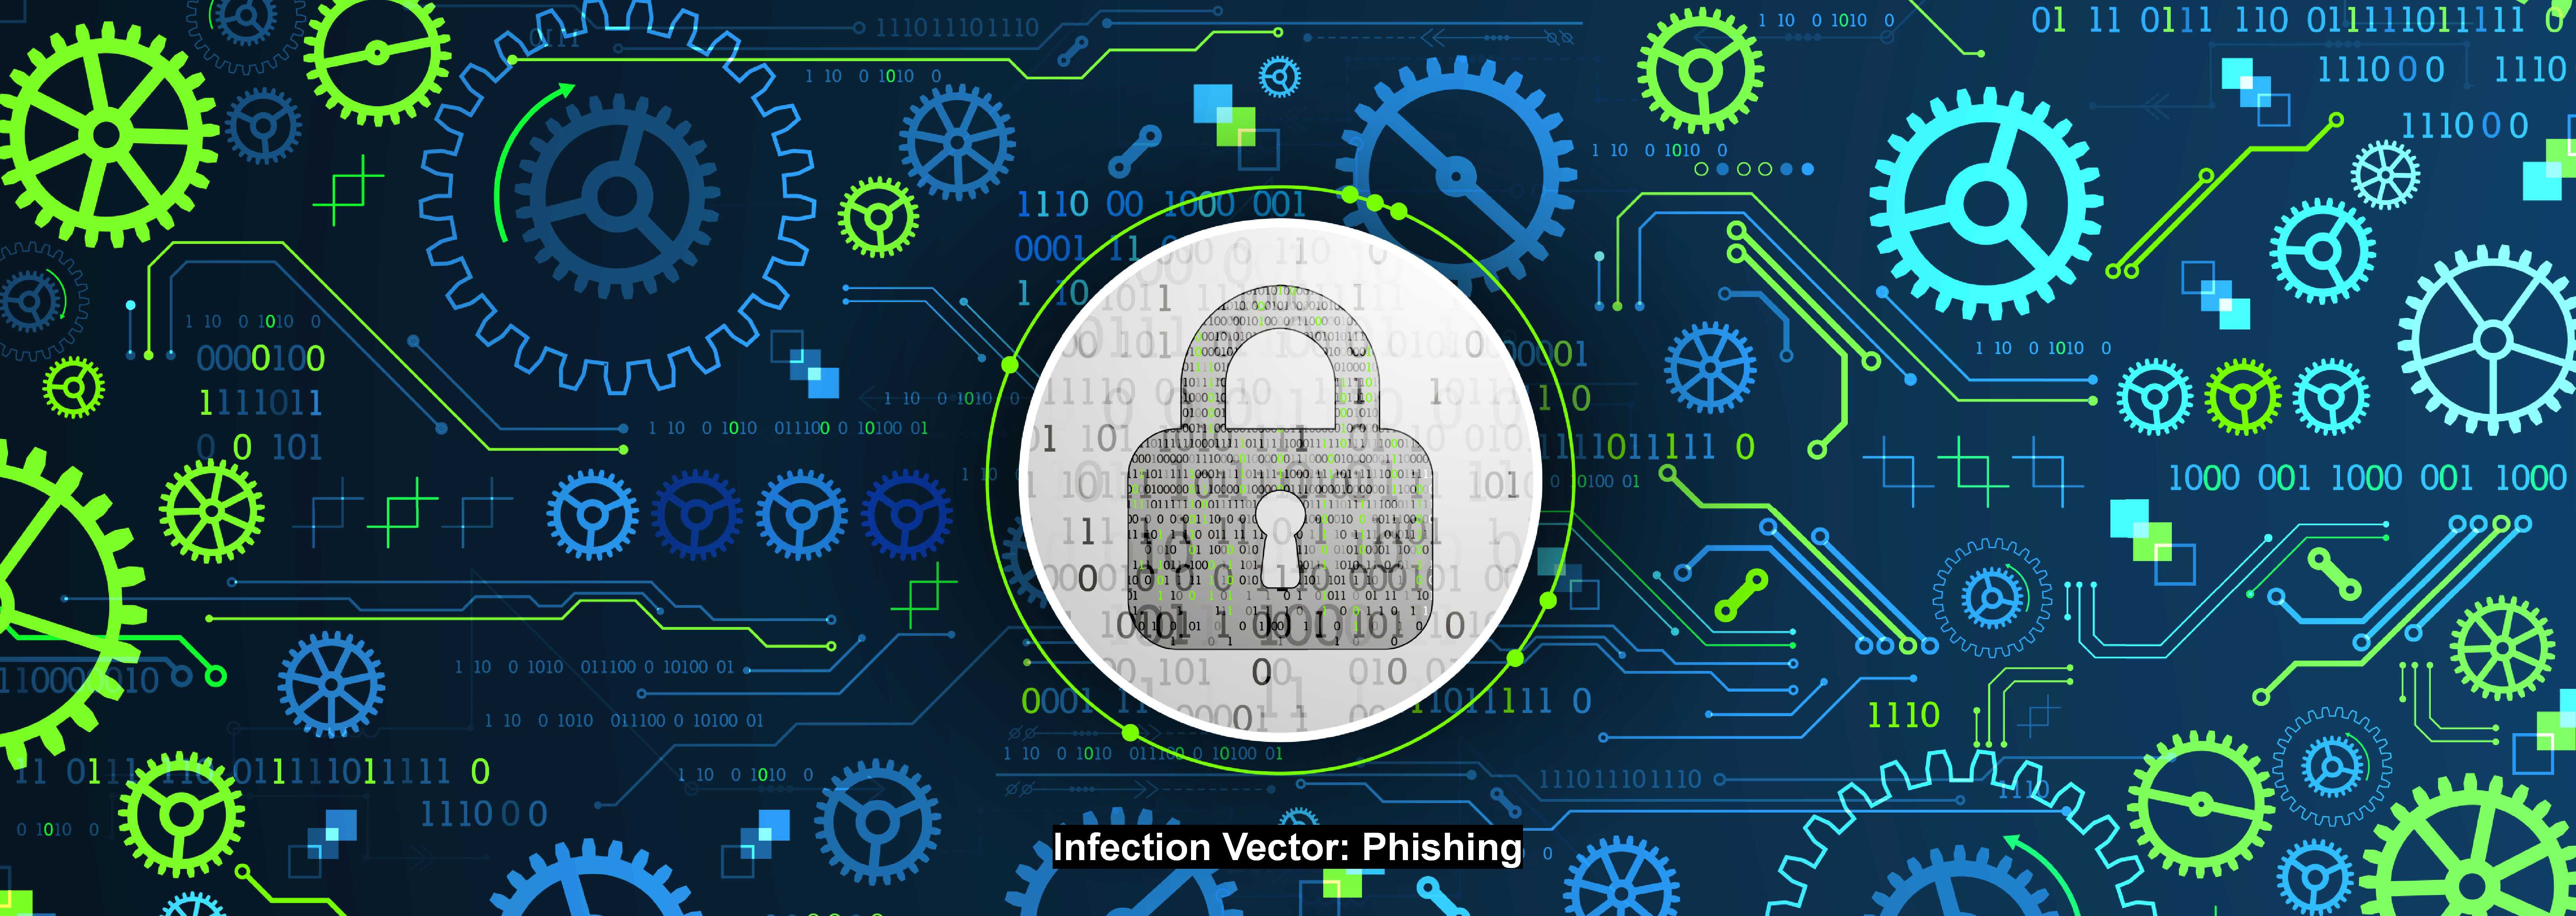 Ransomware Prevention (Part 3) - Phishing